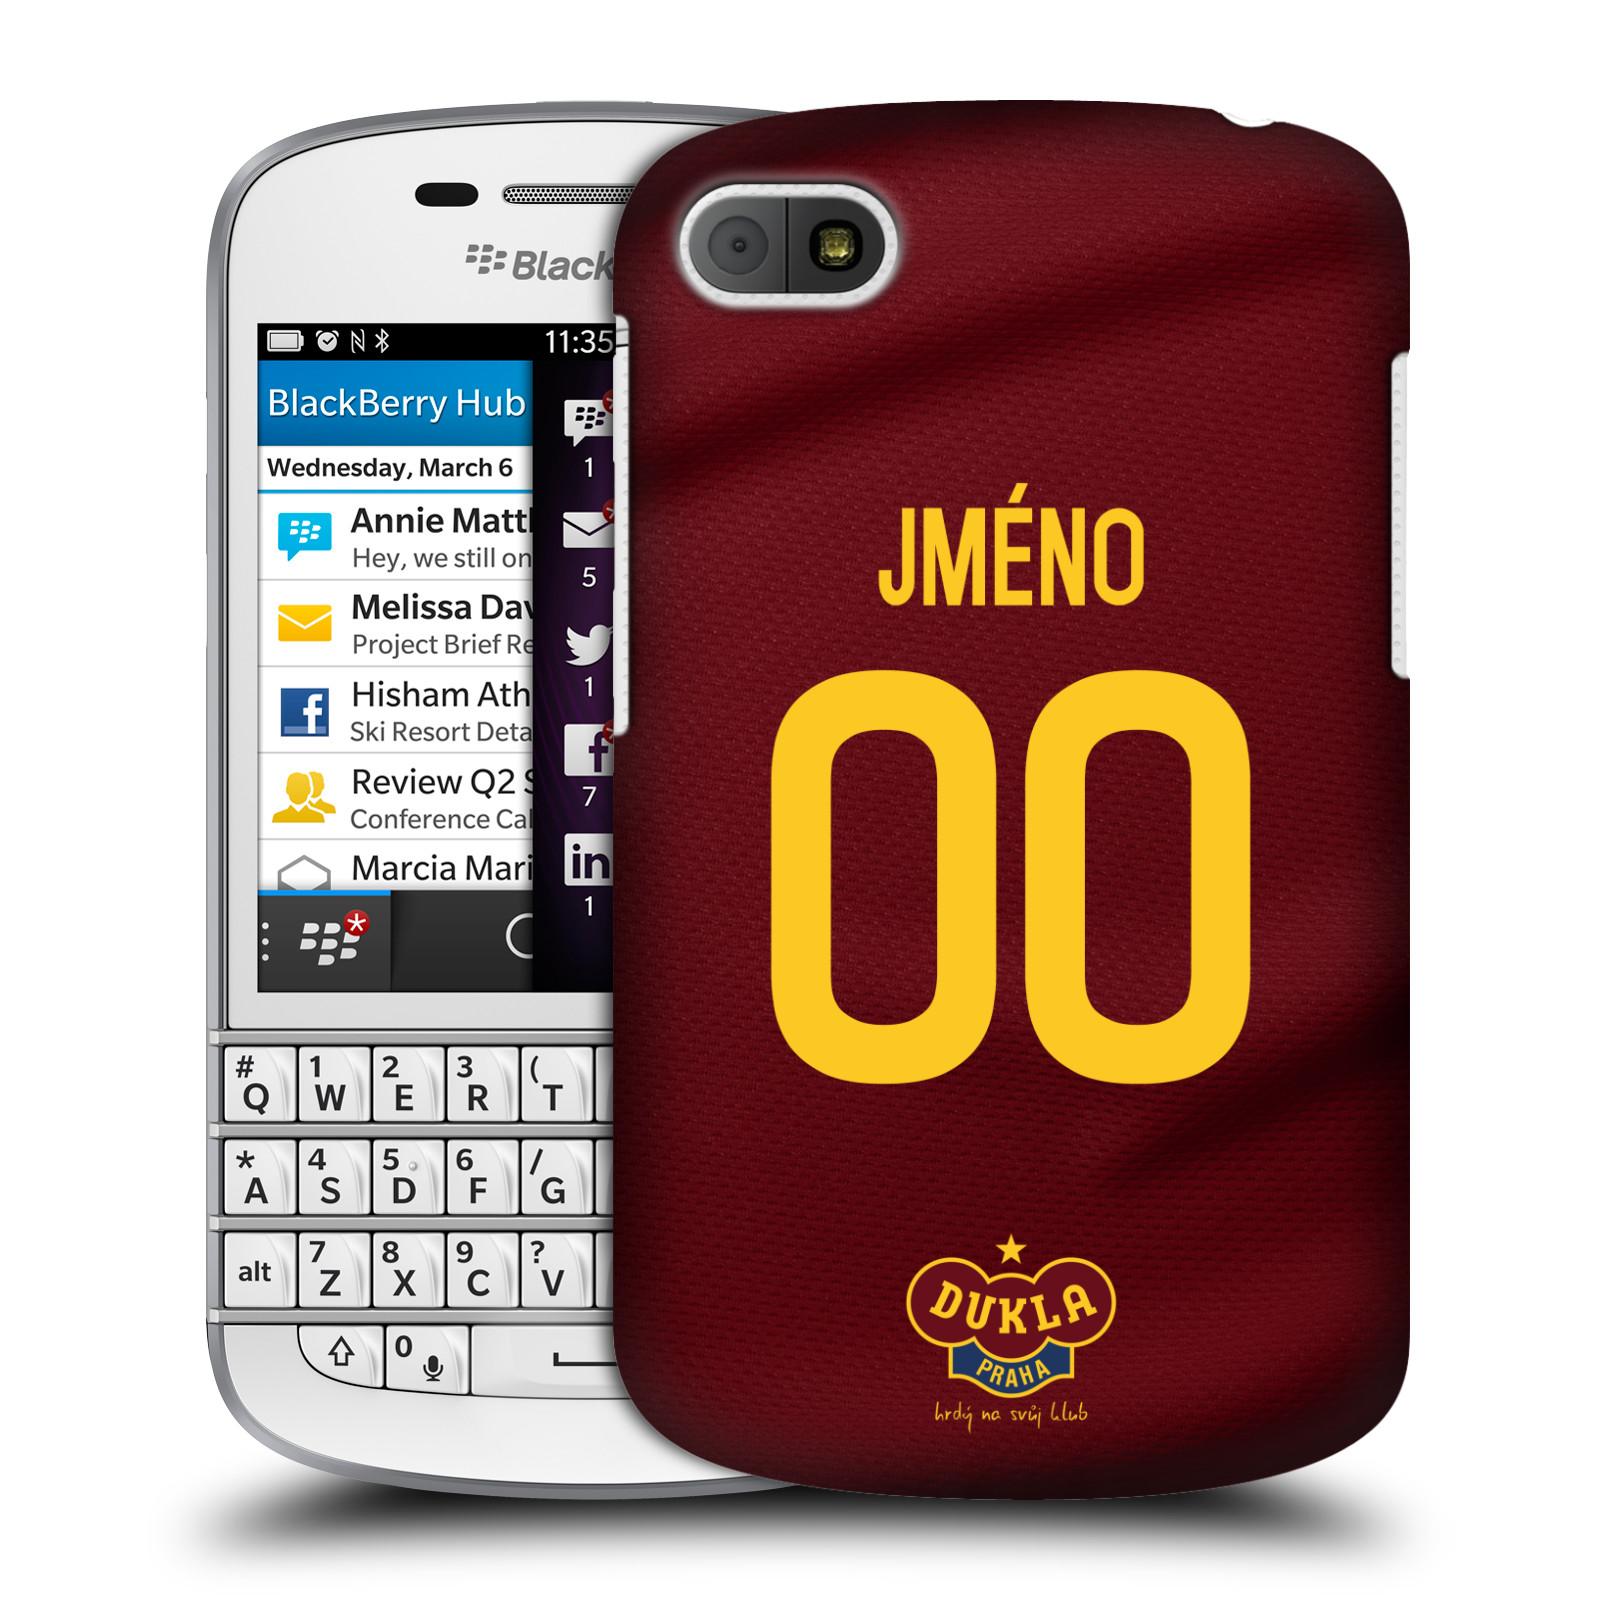 Plastové pouzdro na mobil Blackberry Q10 - FK Dukla Praha - dres s vlastním jménem a číslem (Plastový kryt či obal na mobilní telefon s oficiálním motivem FK Dukla Praha - dres s vlastním jménem a číslem pro Blackberry Q10)